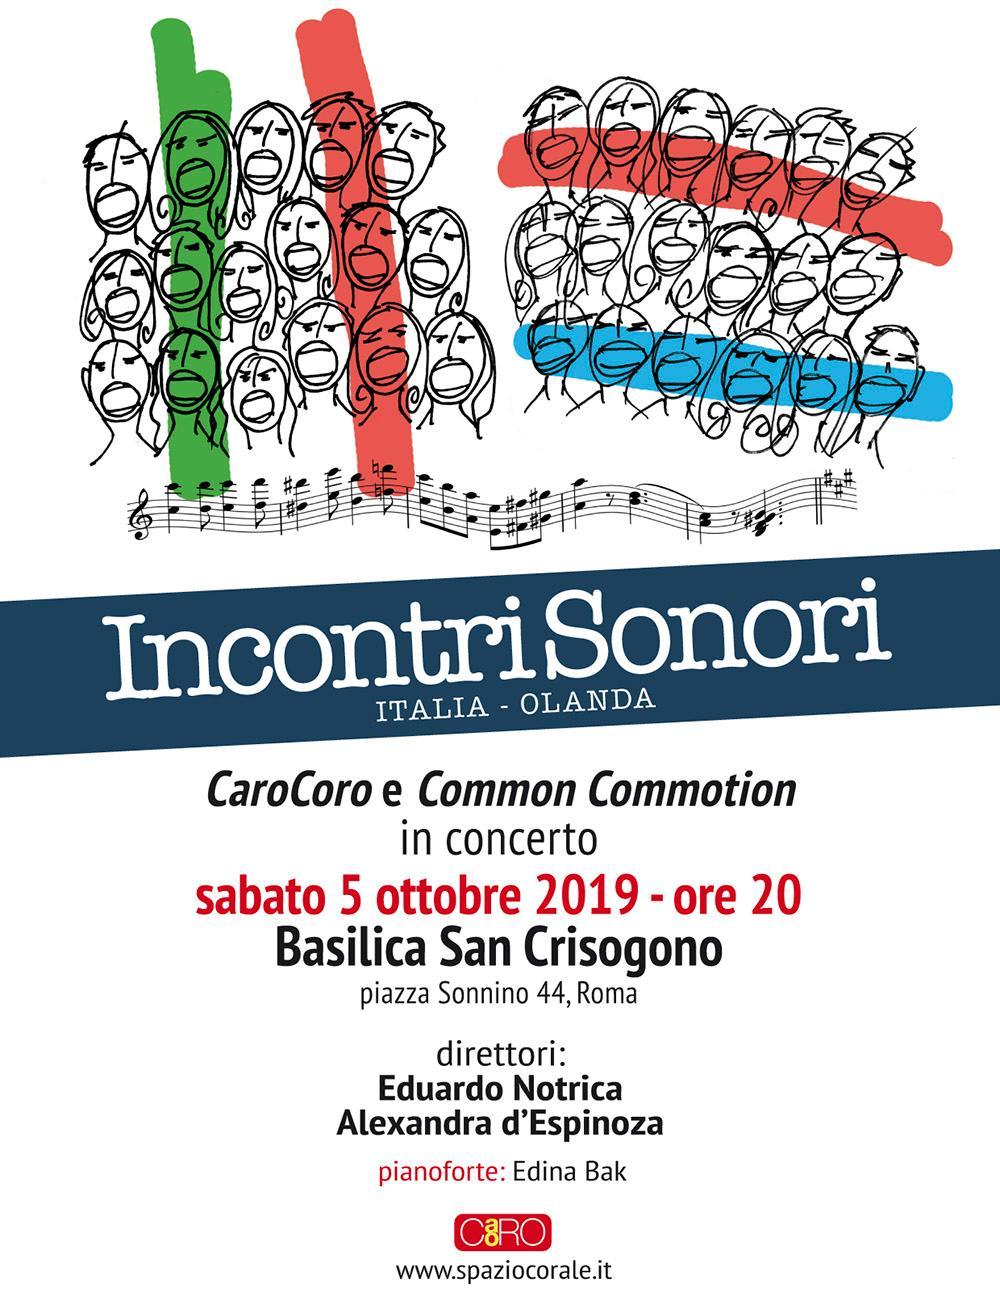 Il CaroCoro e Common Commotion: Italia/Olanda cantano